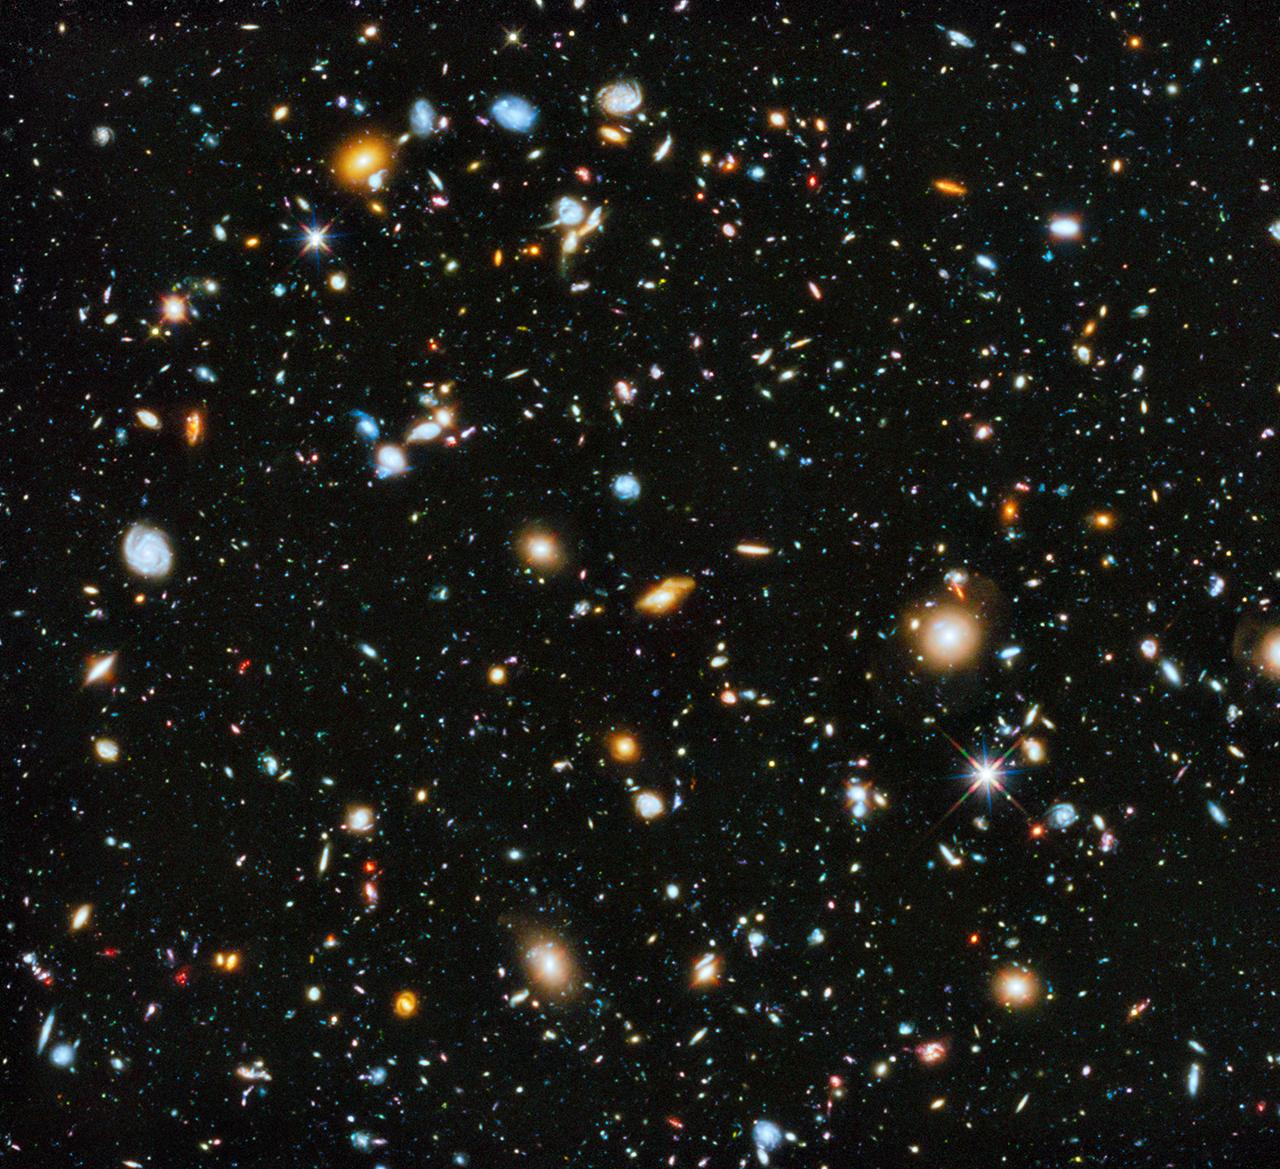 Les dimensions de l'Univers sont à la fois inhumaines et merveilleuses. Nous devons « faire-avec » et entreprendre